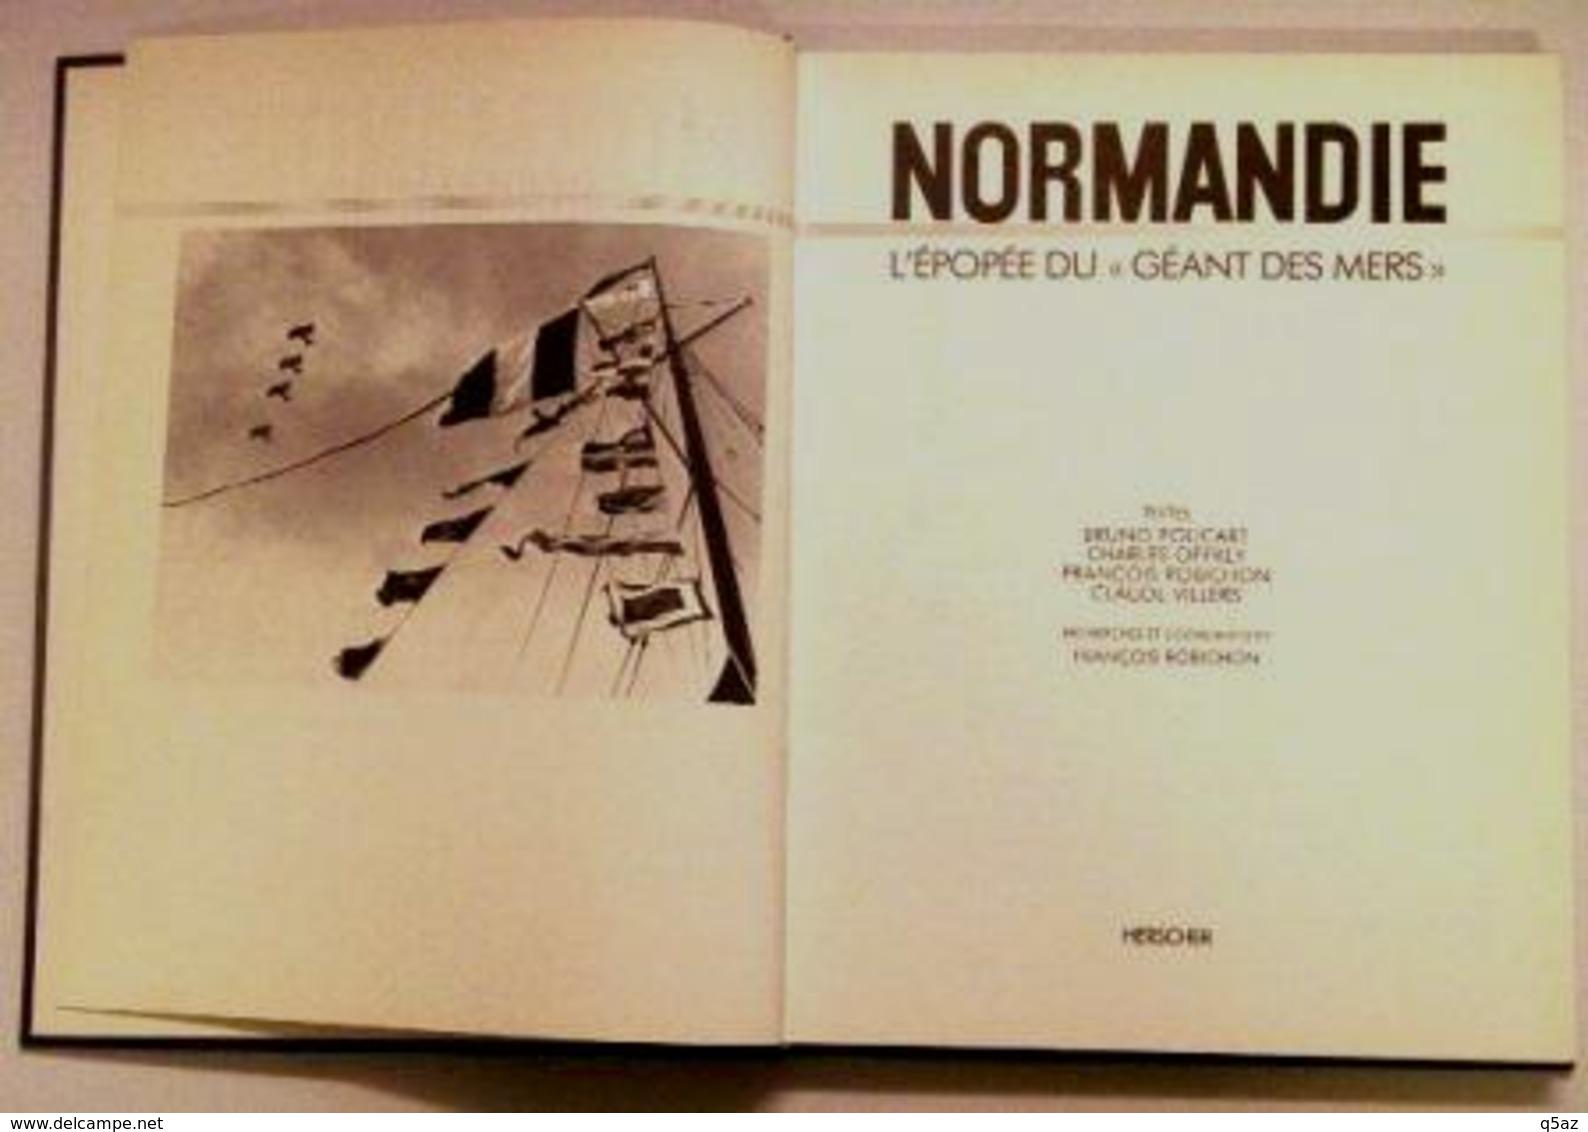 El1.q- Paquebot NORMANDIE Liner Livre 1985 CG.Transatlantique French Line St Nazaire - Sciences & Technique